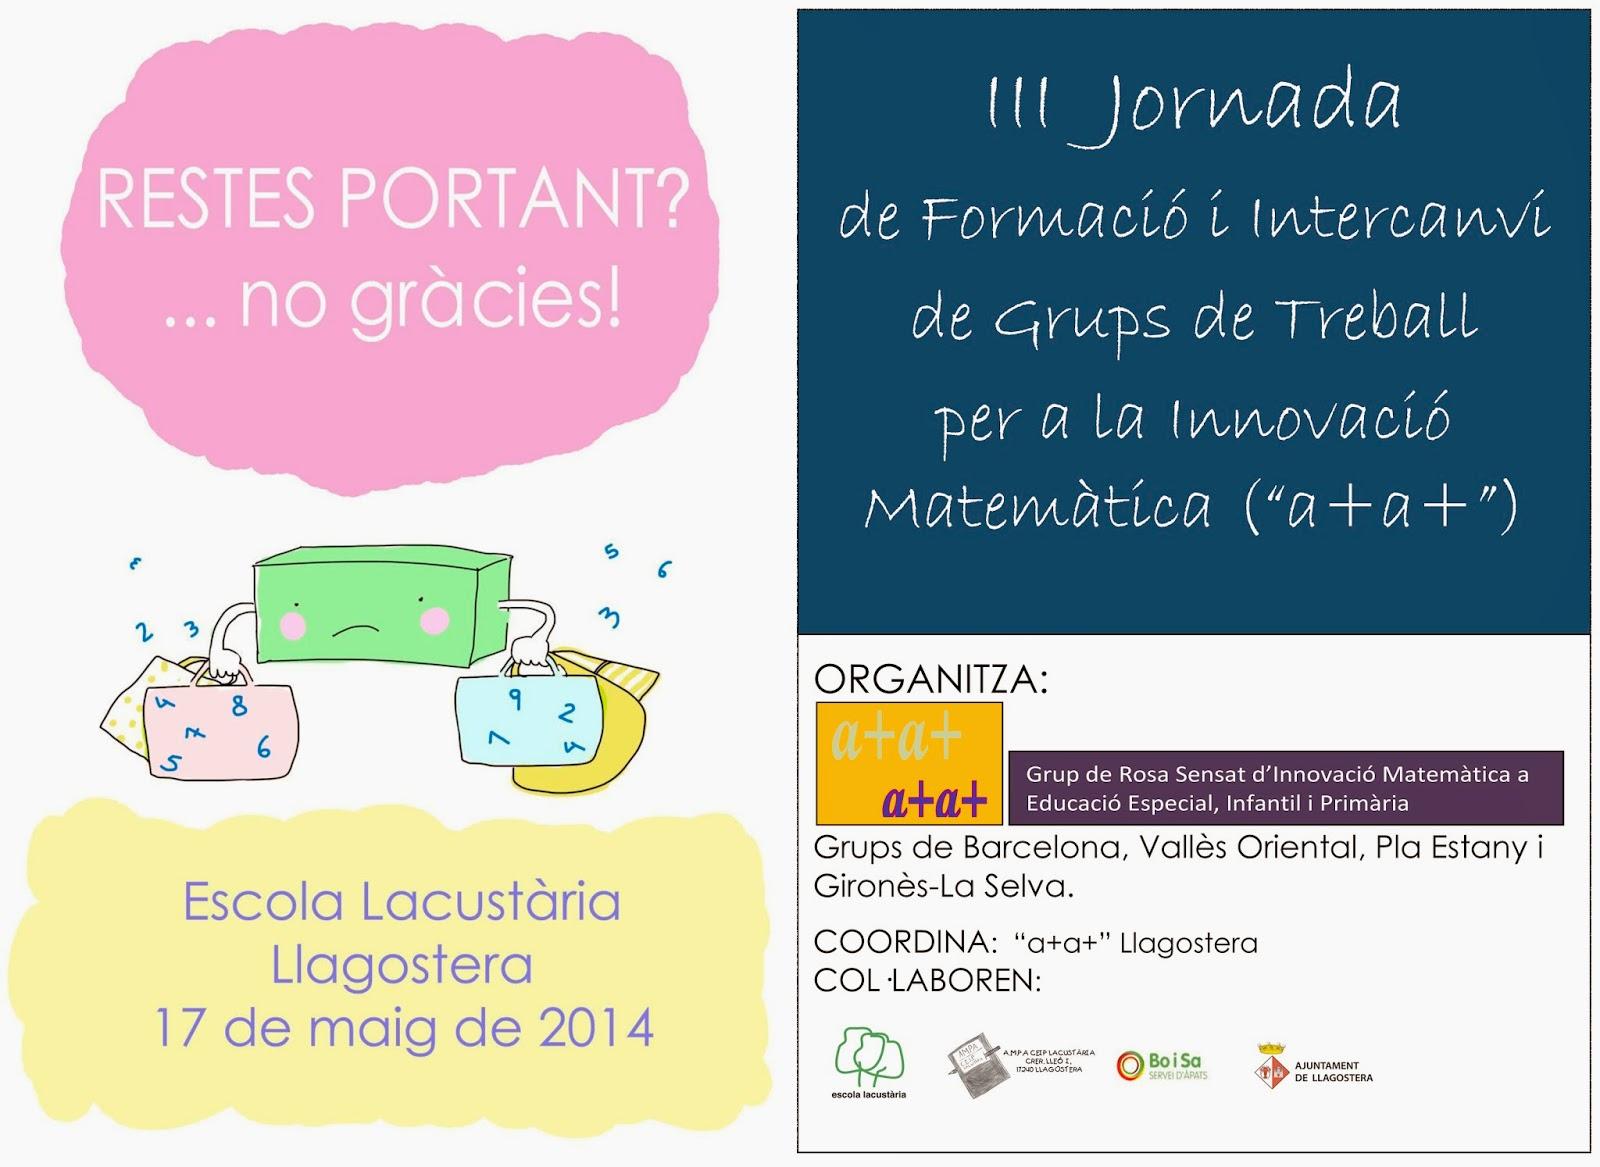 http://amesamesrosasensat.blogspot.com.es/p/jornada-llagostera.html